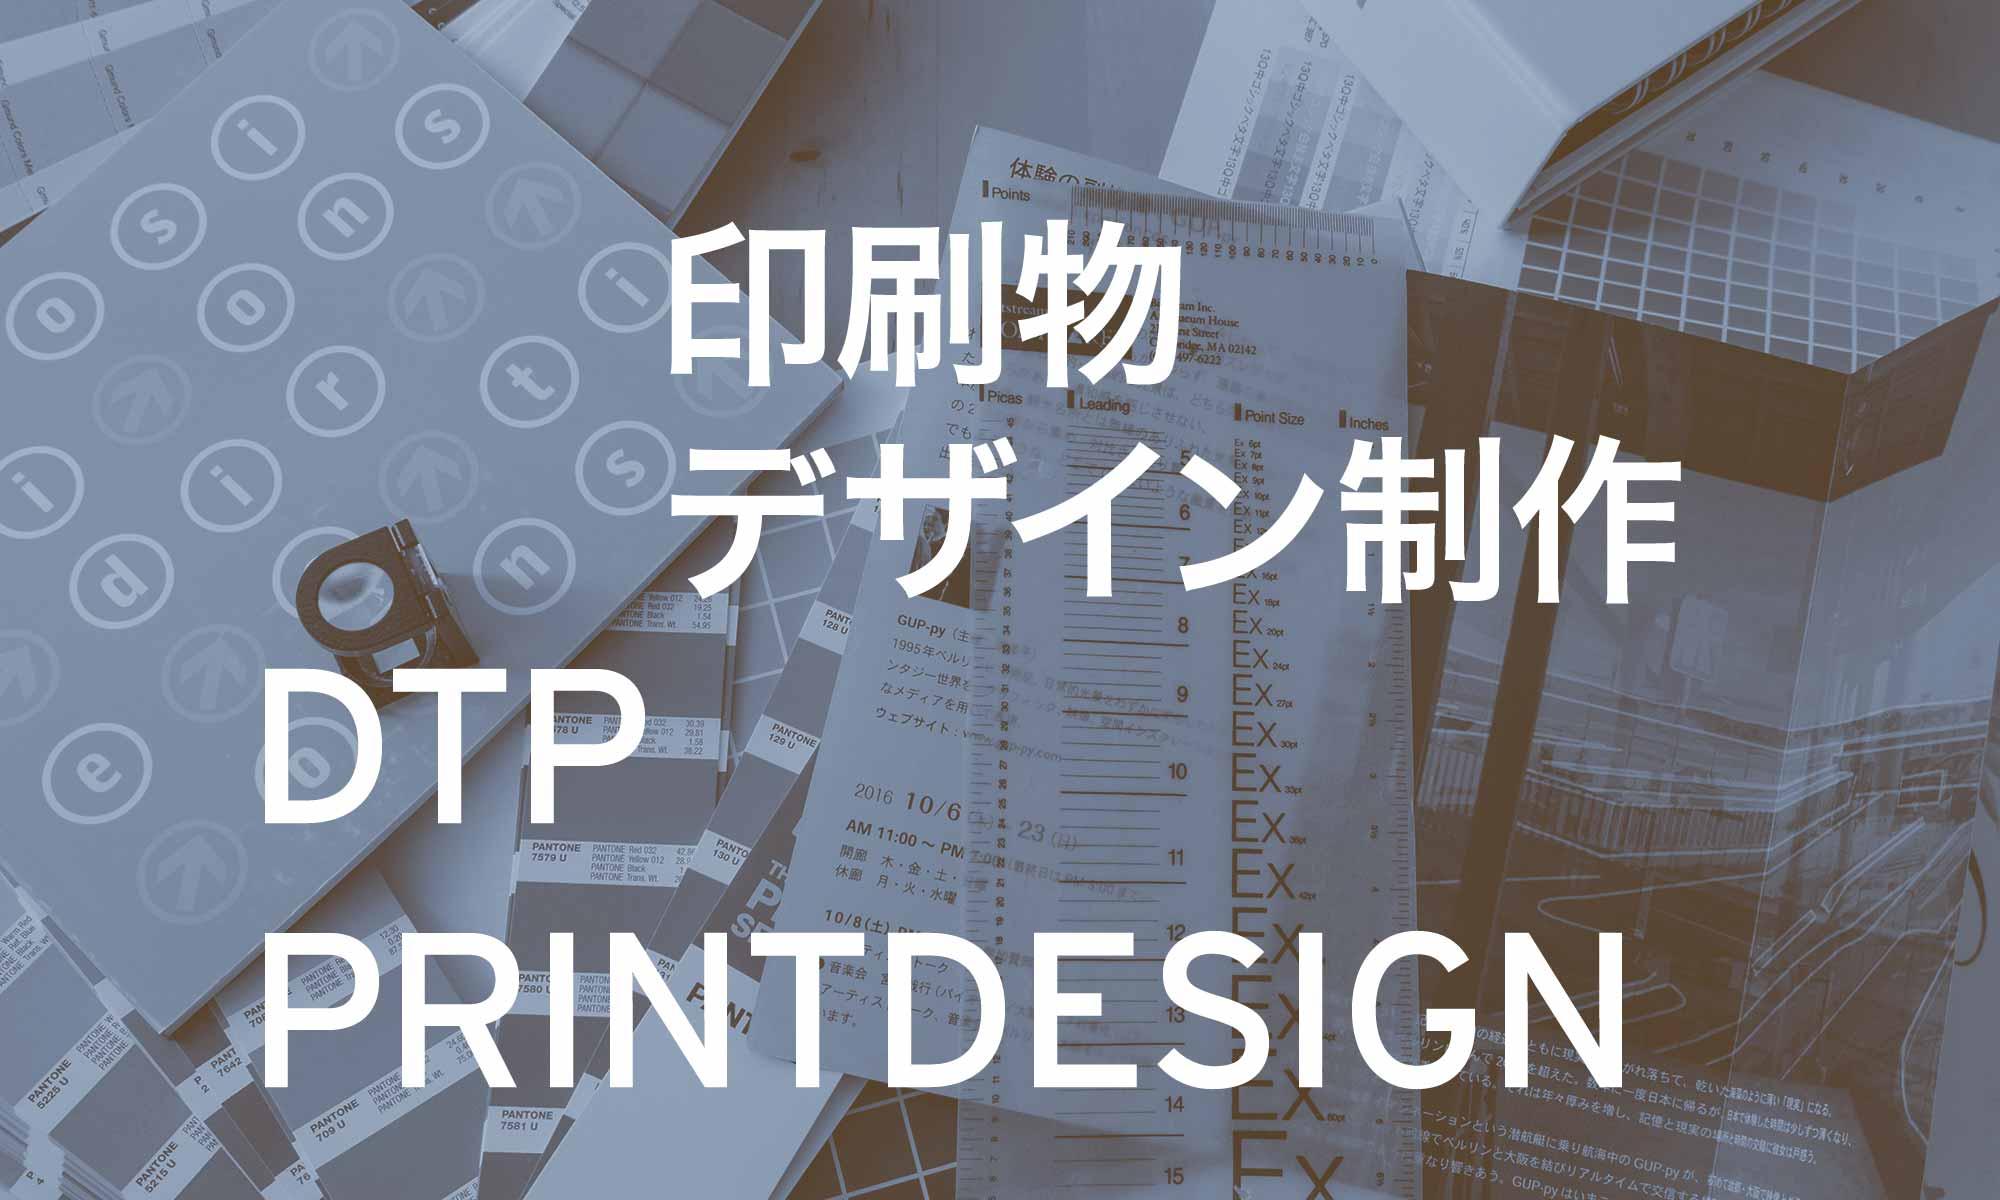 ドイツ語DTP、印刷物デザイン制作